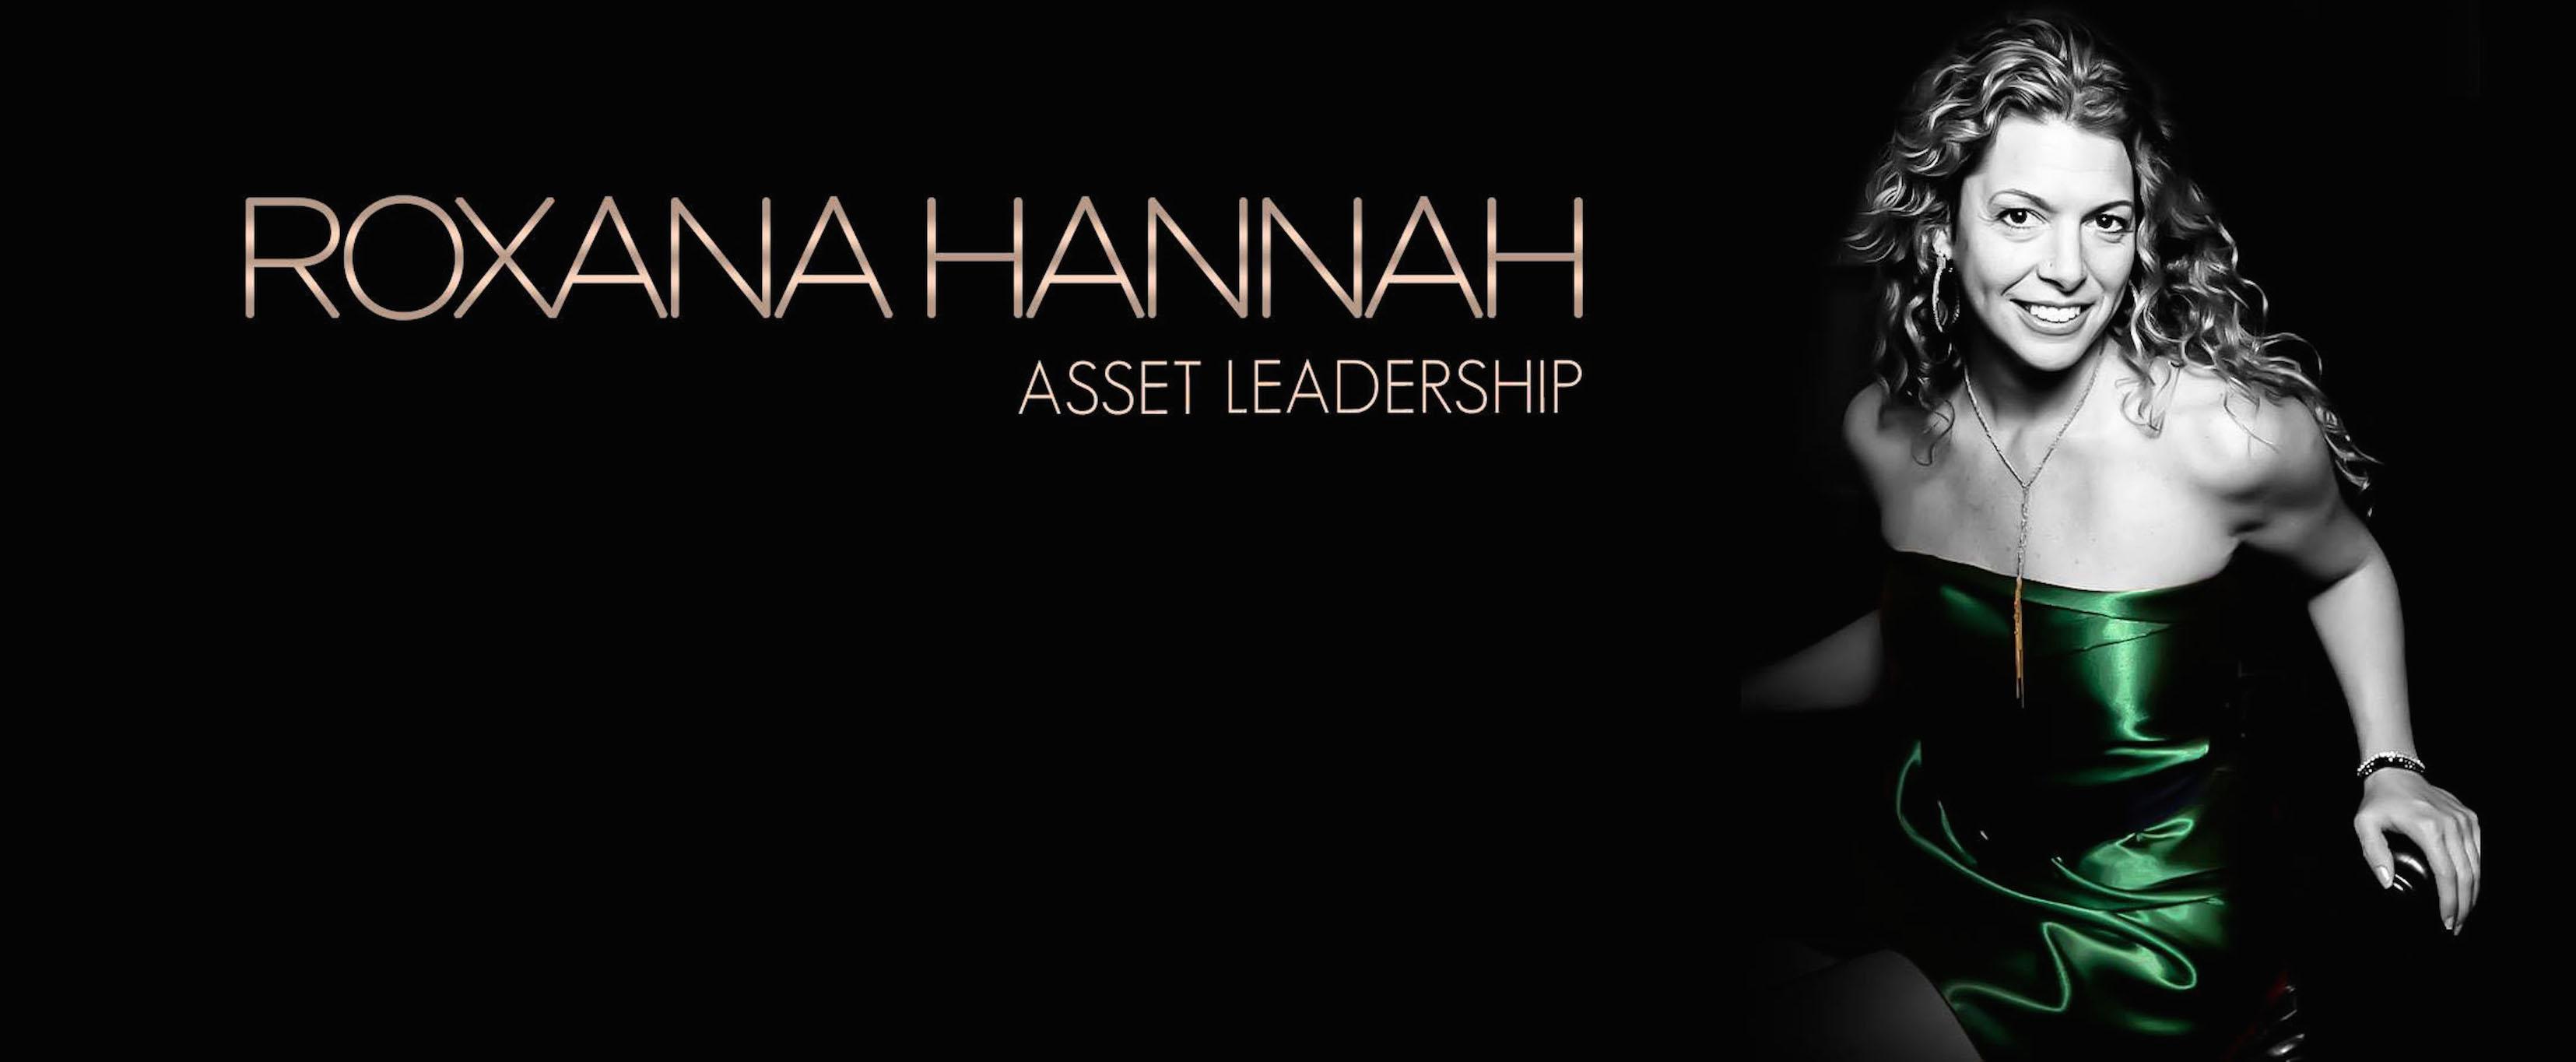 Asset Leadership 190kb